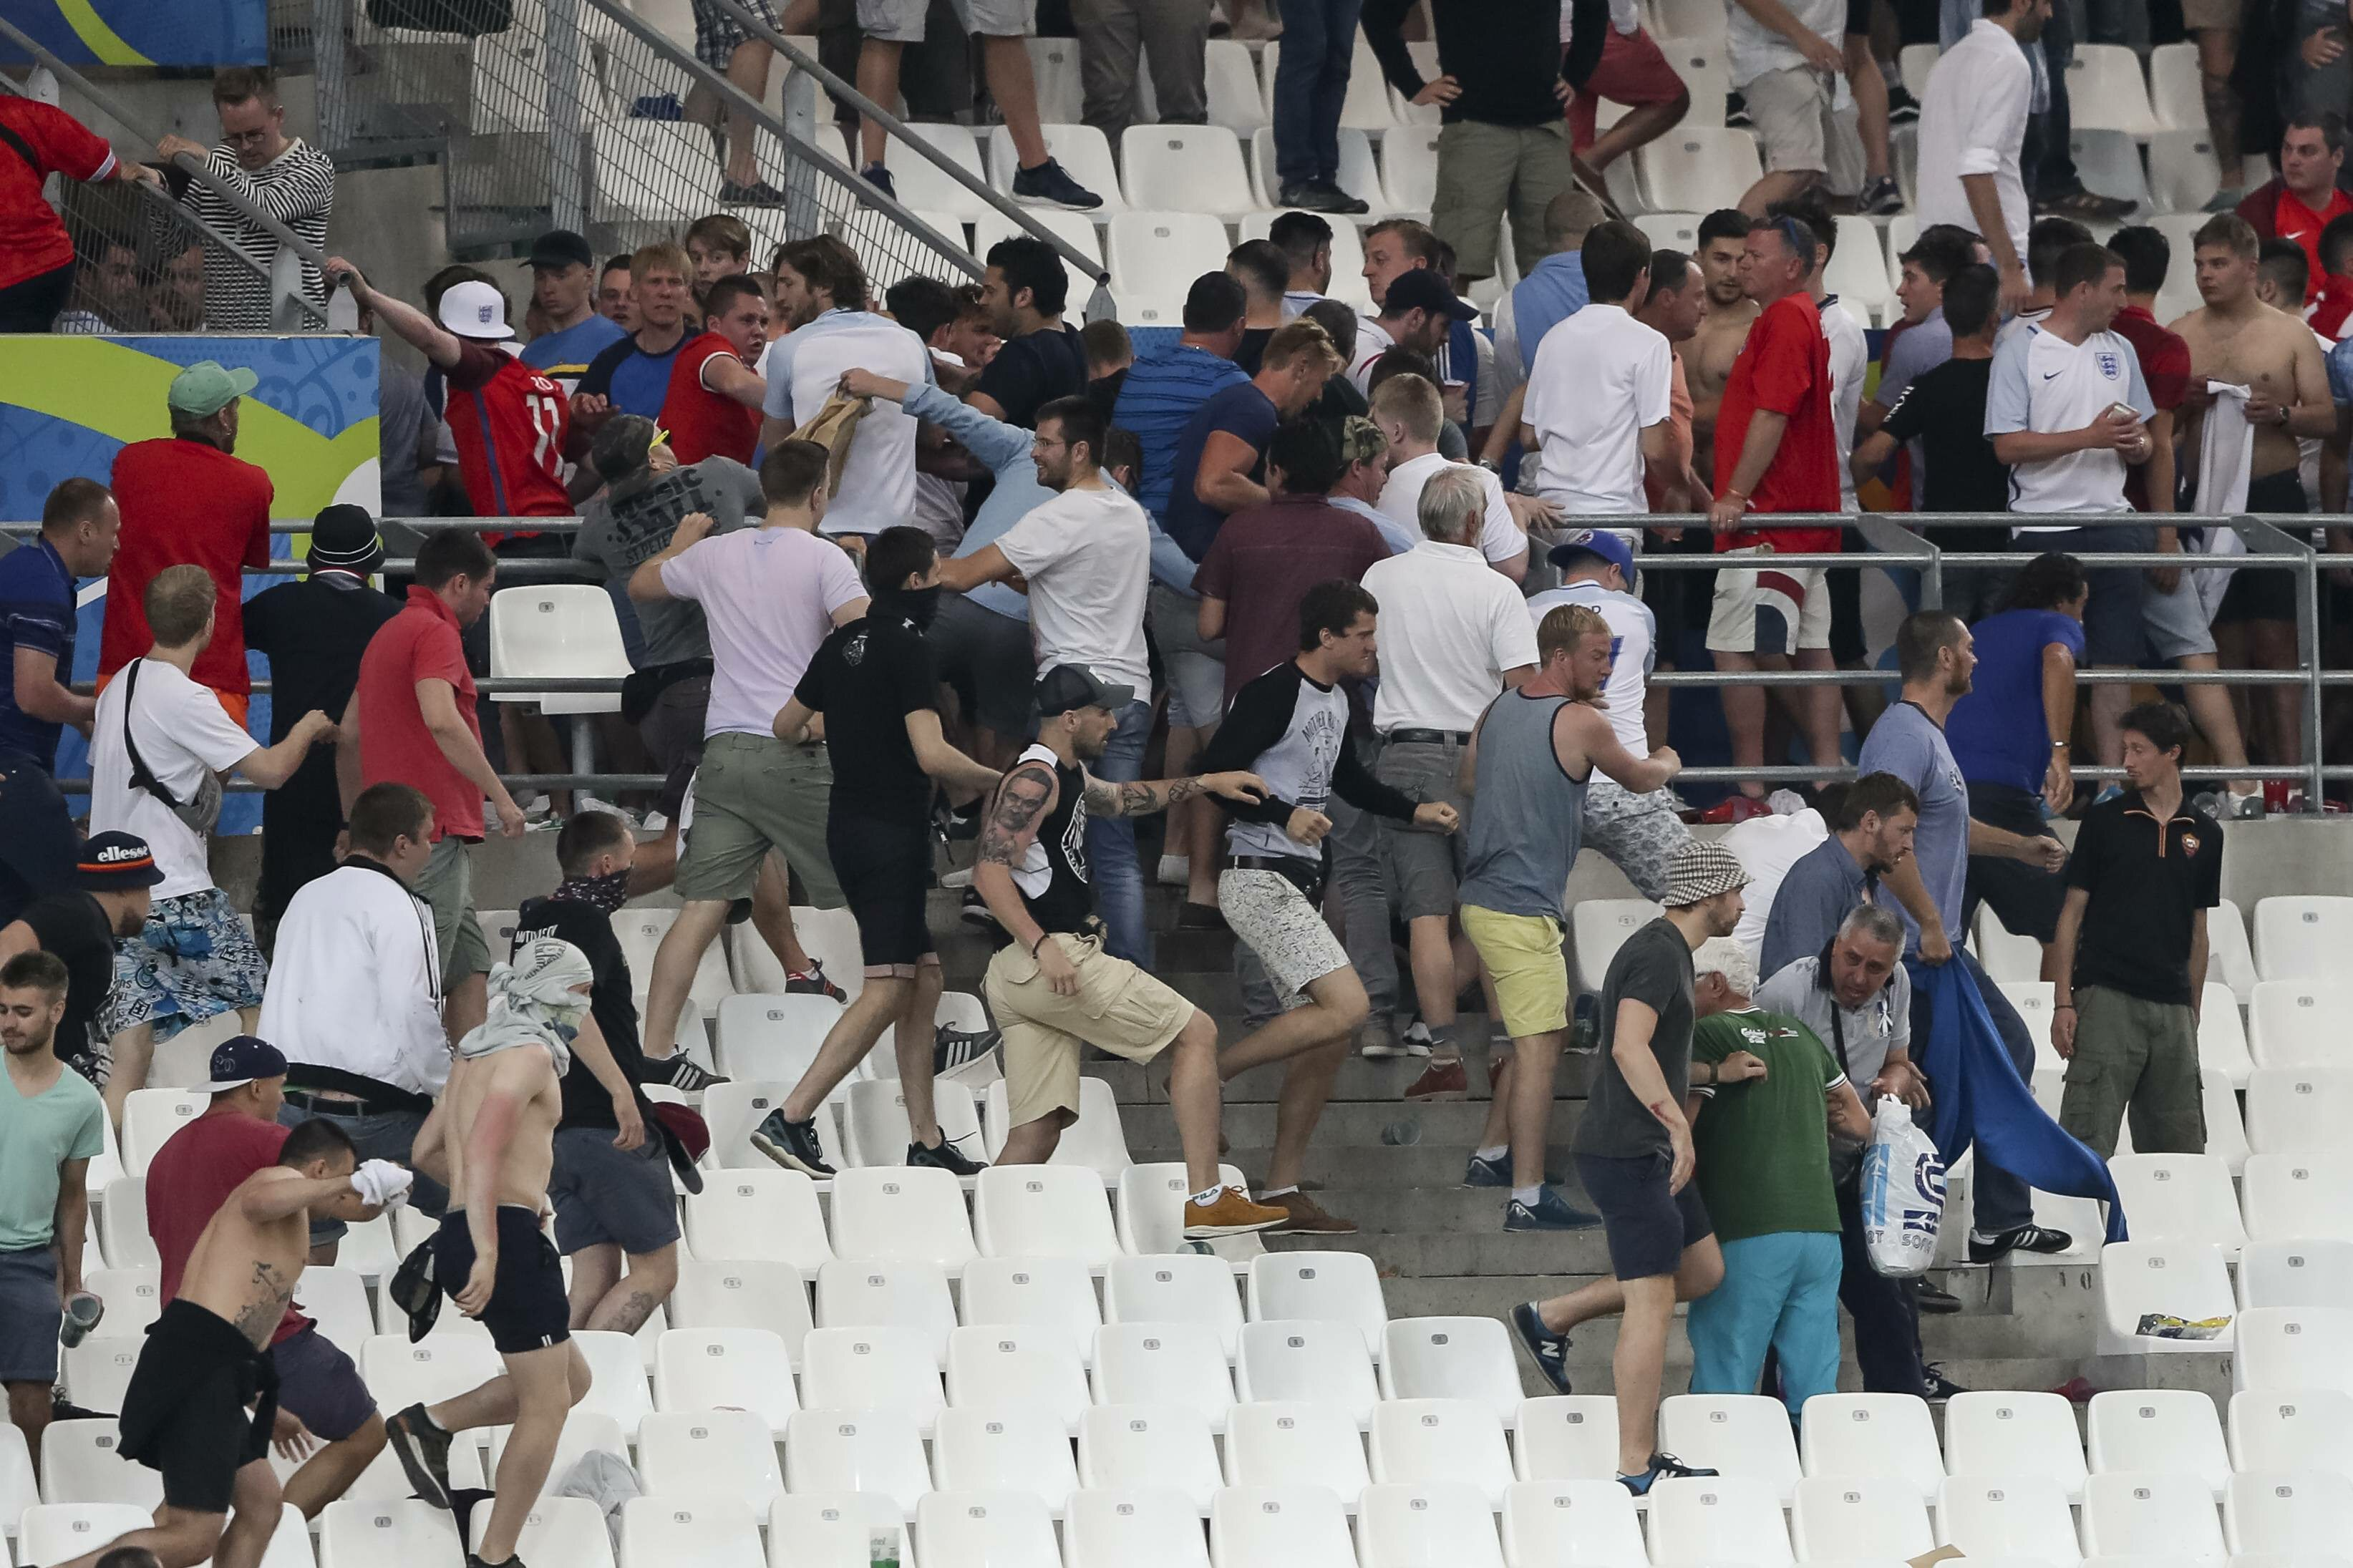 Angielscy kibice uciekają przed nacierającymi rosyjskimi chuliganami